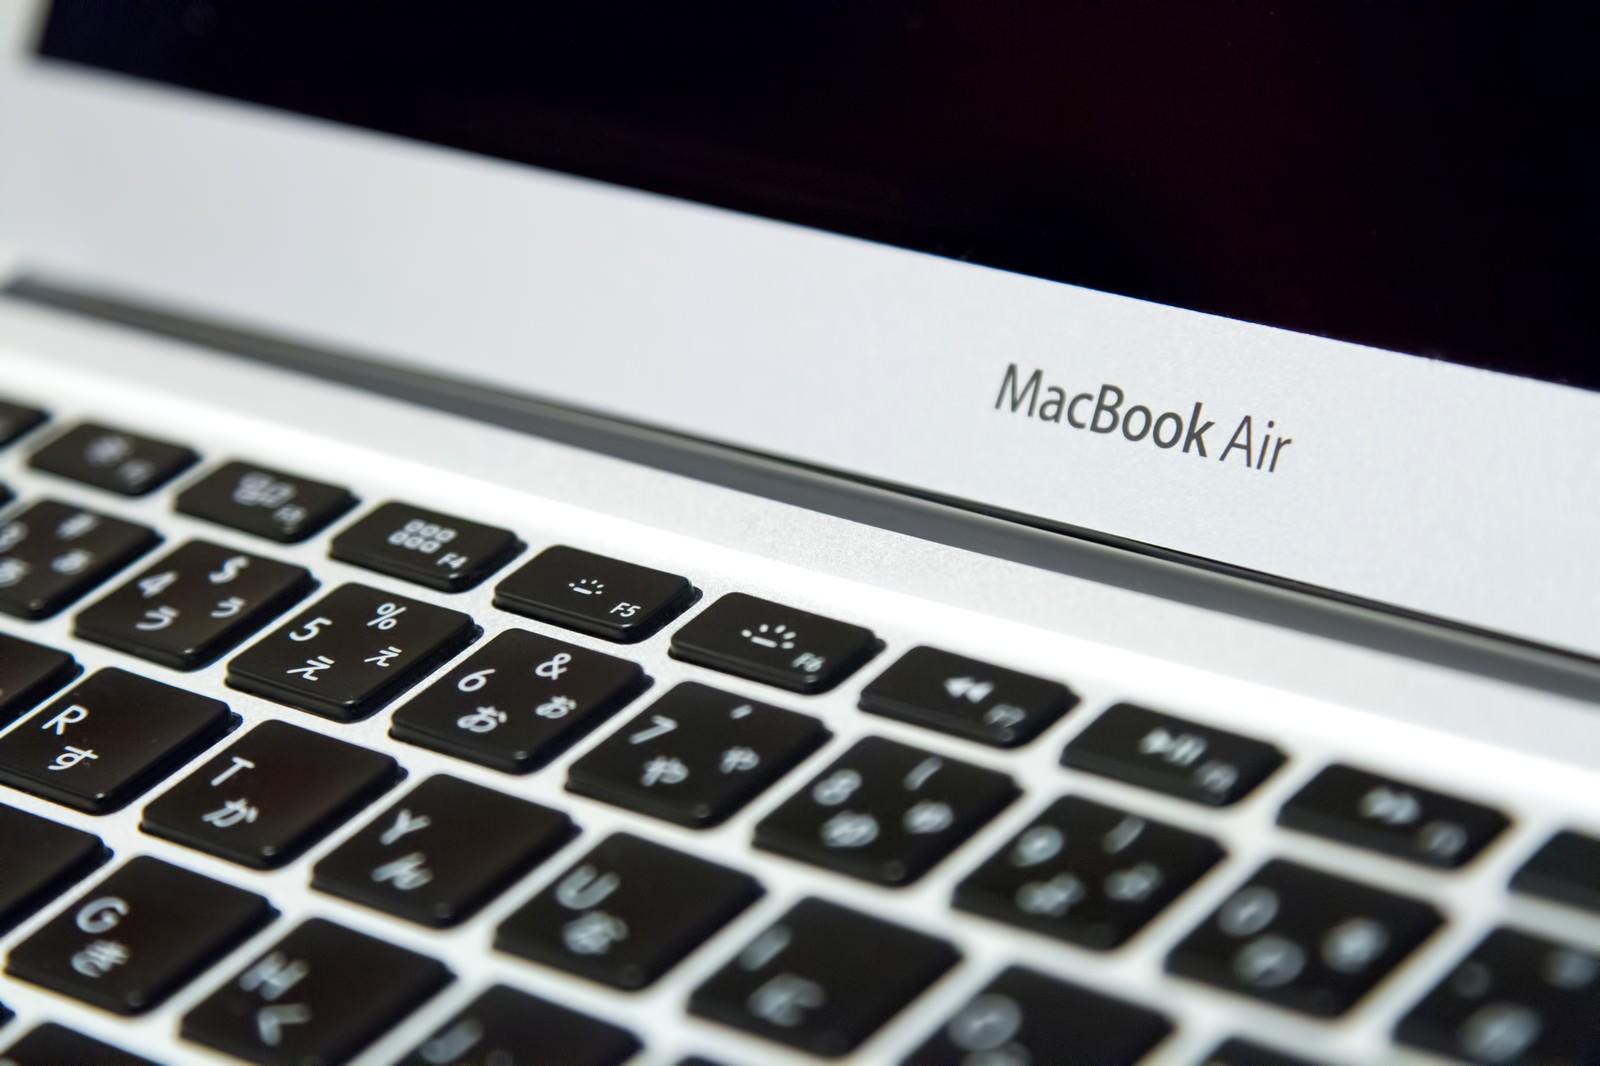 「薄型ノートパソコンのキーボード」の写真